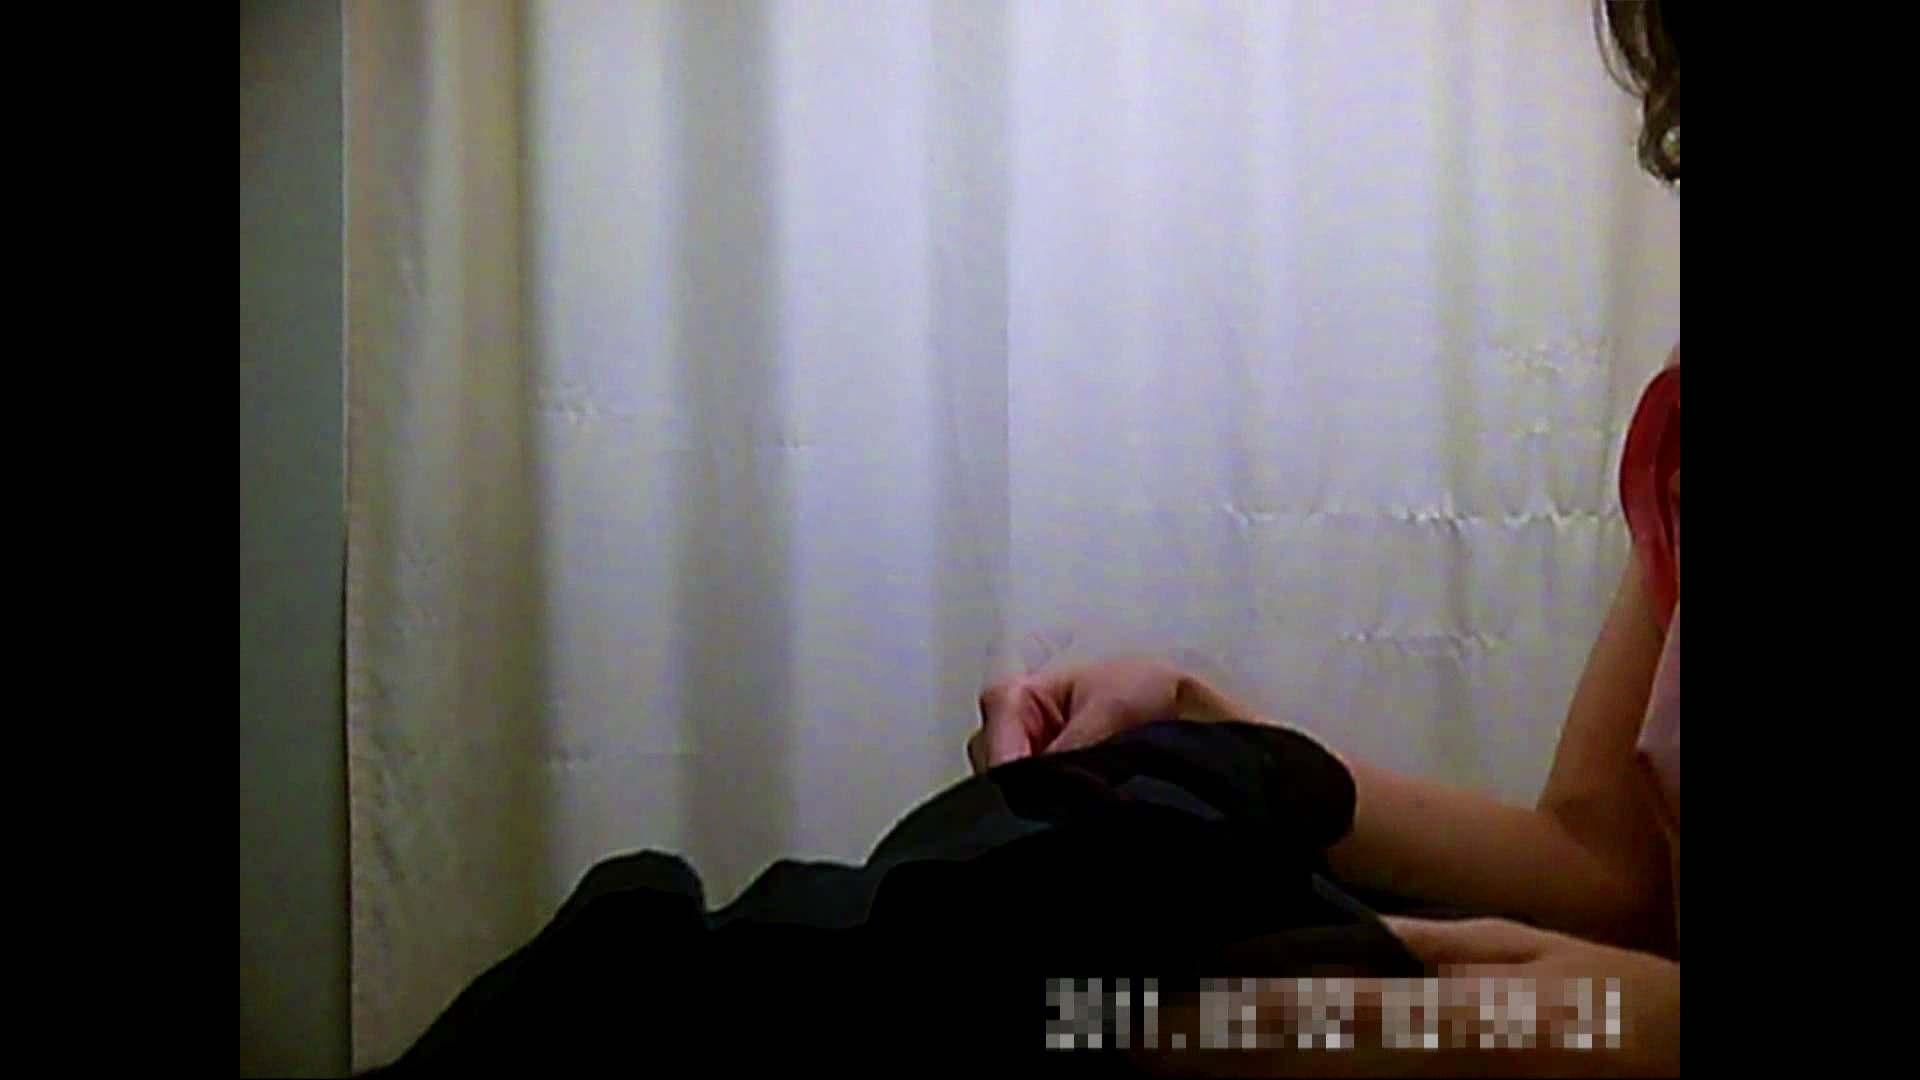 元医者による反抗 更衣室地獄絵巻 vol.003 OL女体 | 0  91連発 73